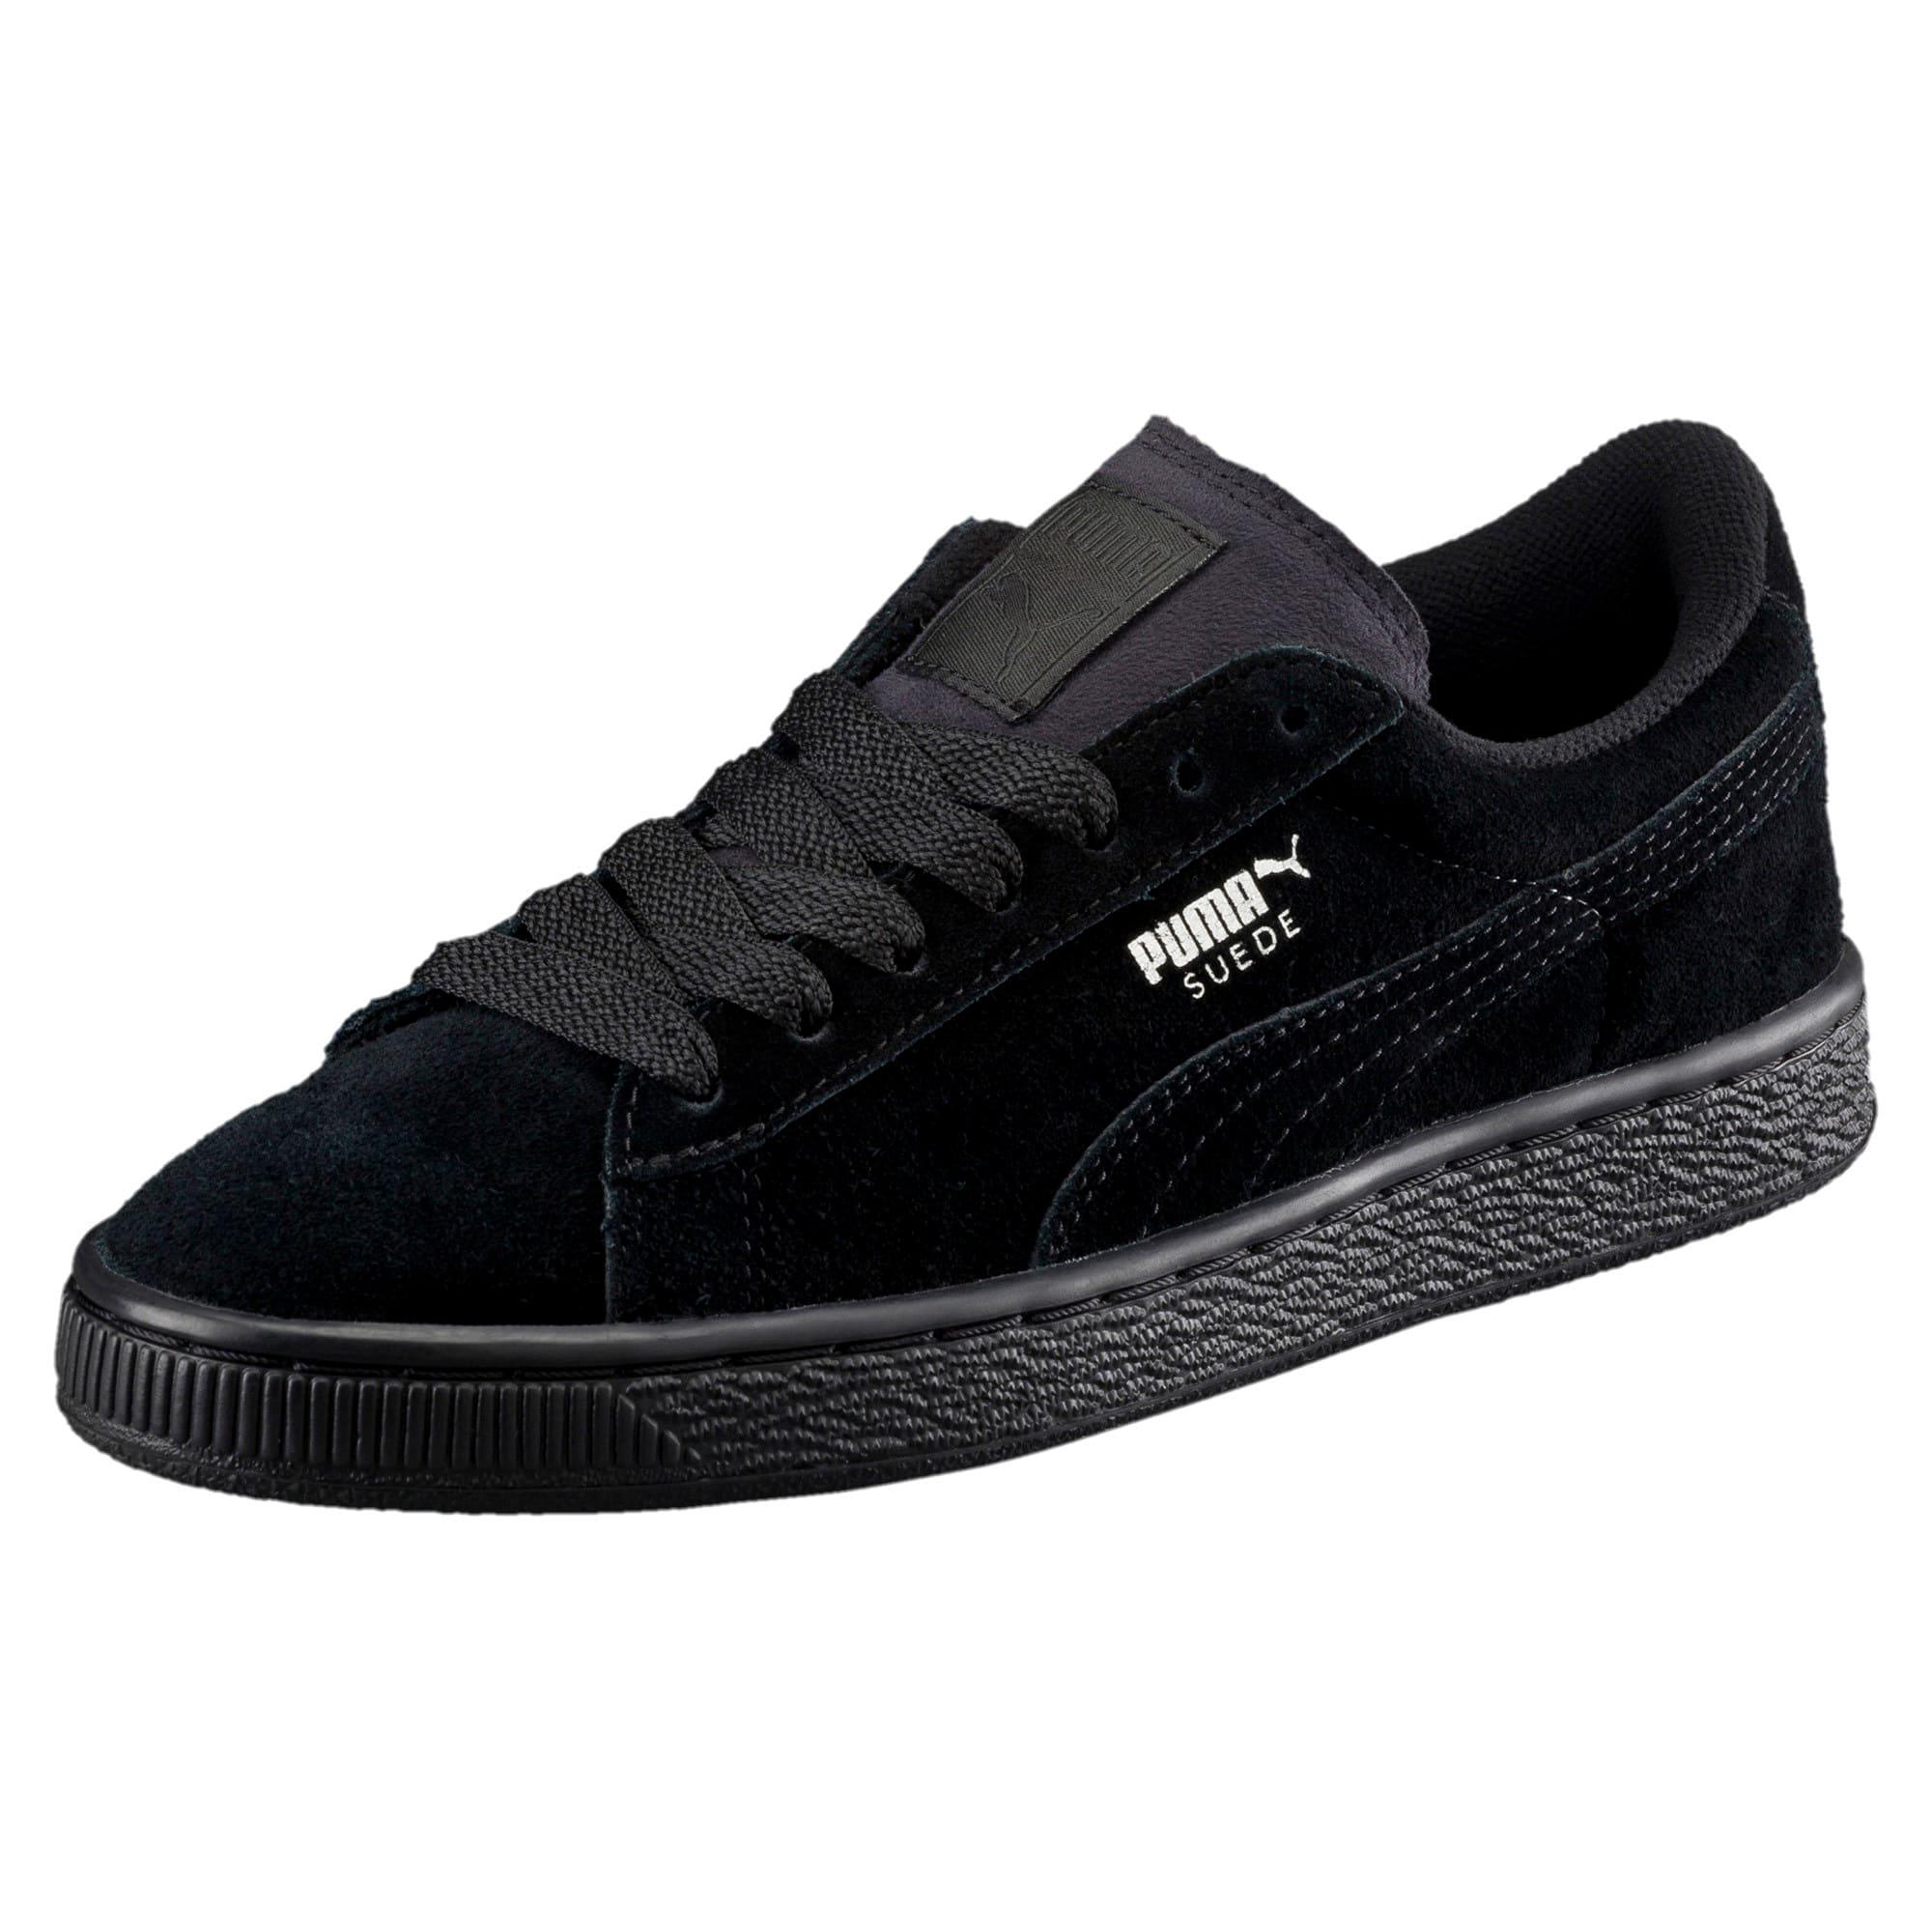 Miniatura 1 de Zapatos deportivos Suede para JR, black-puma silver, mediano